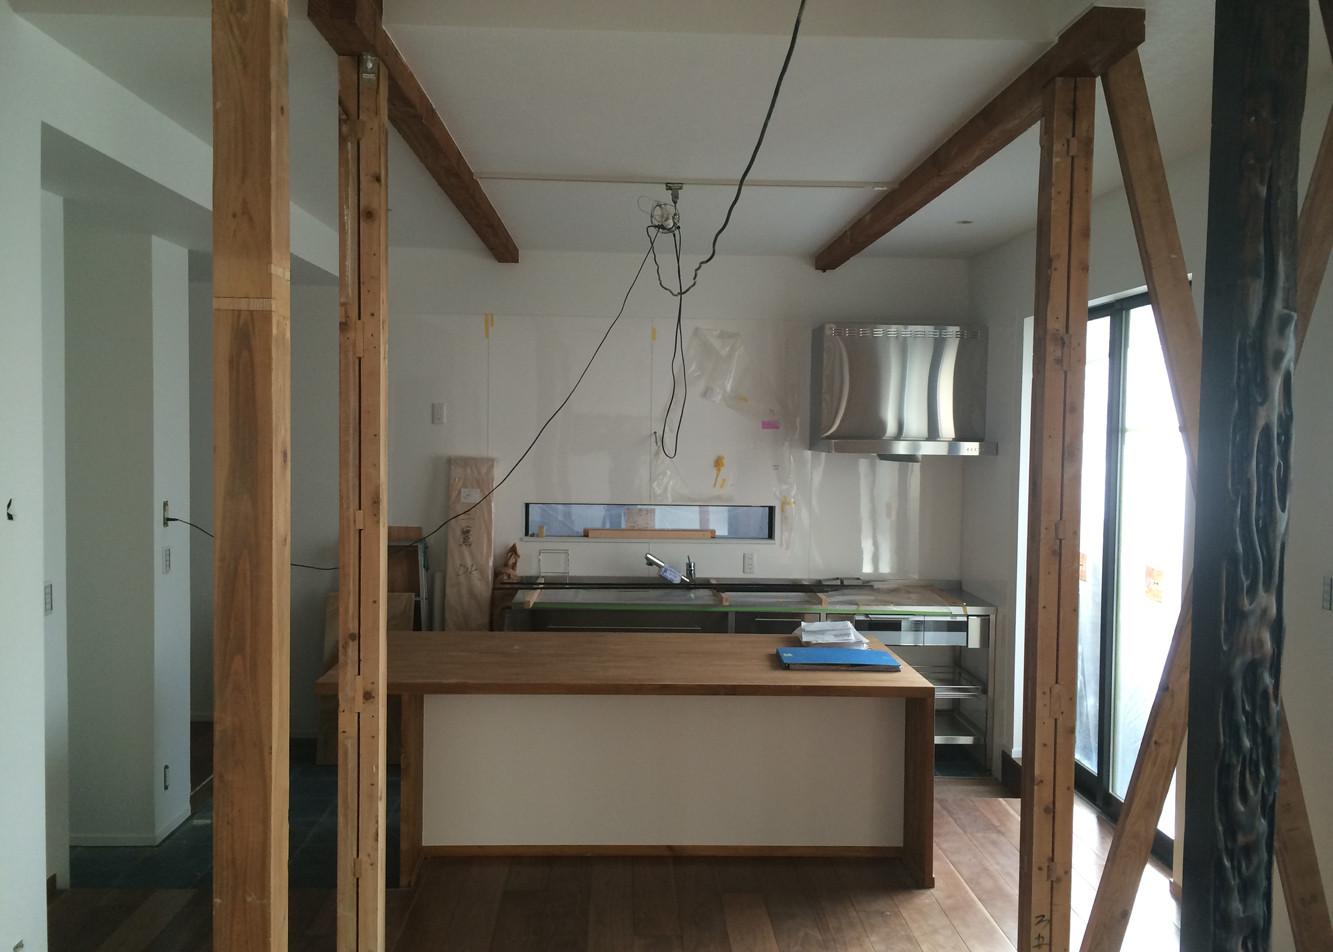 内装仕上げ完了 キッチン及びカウンターテーブルの設置